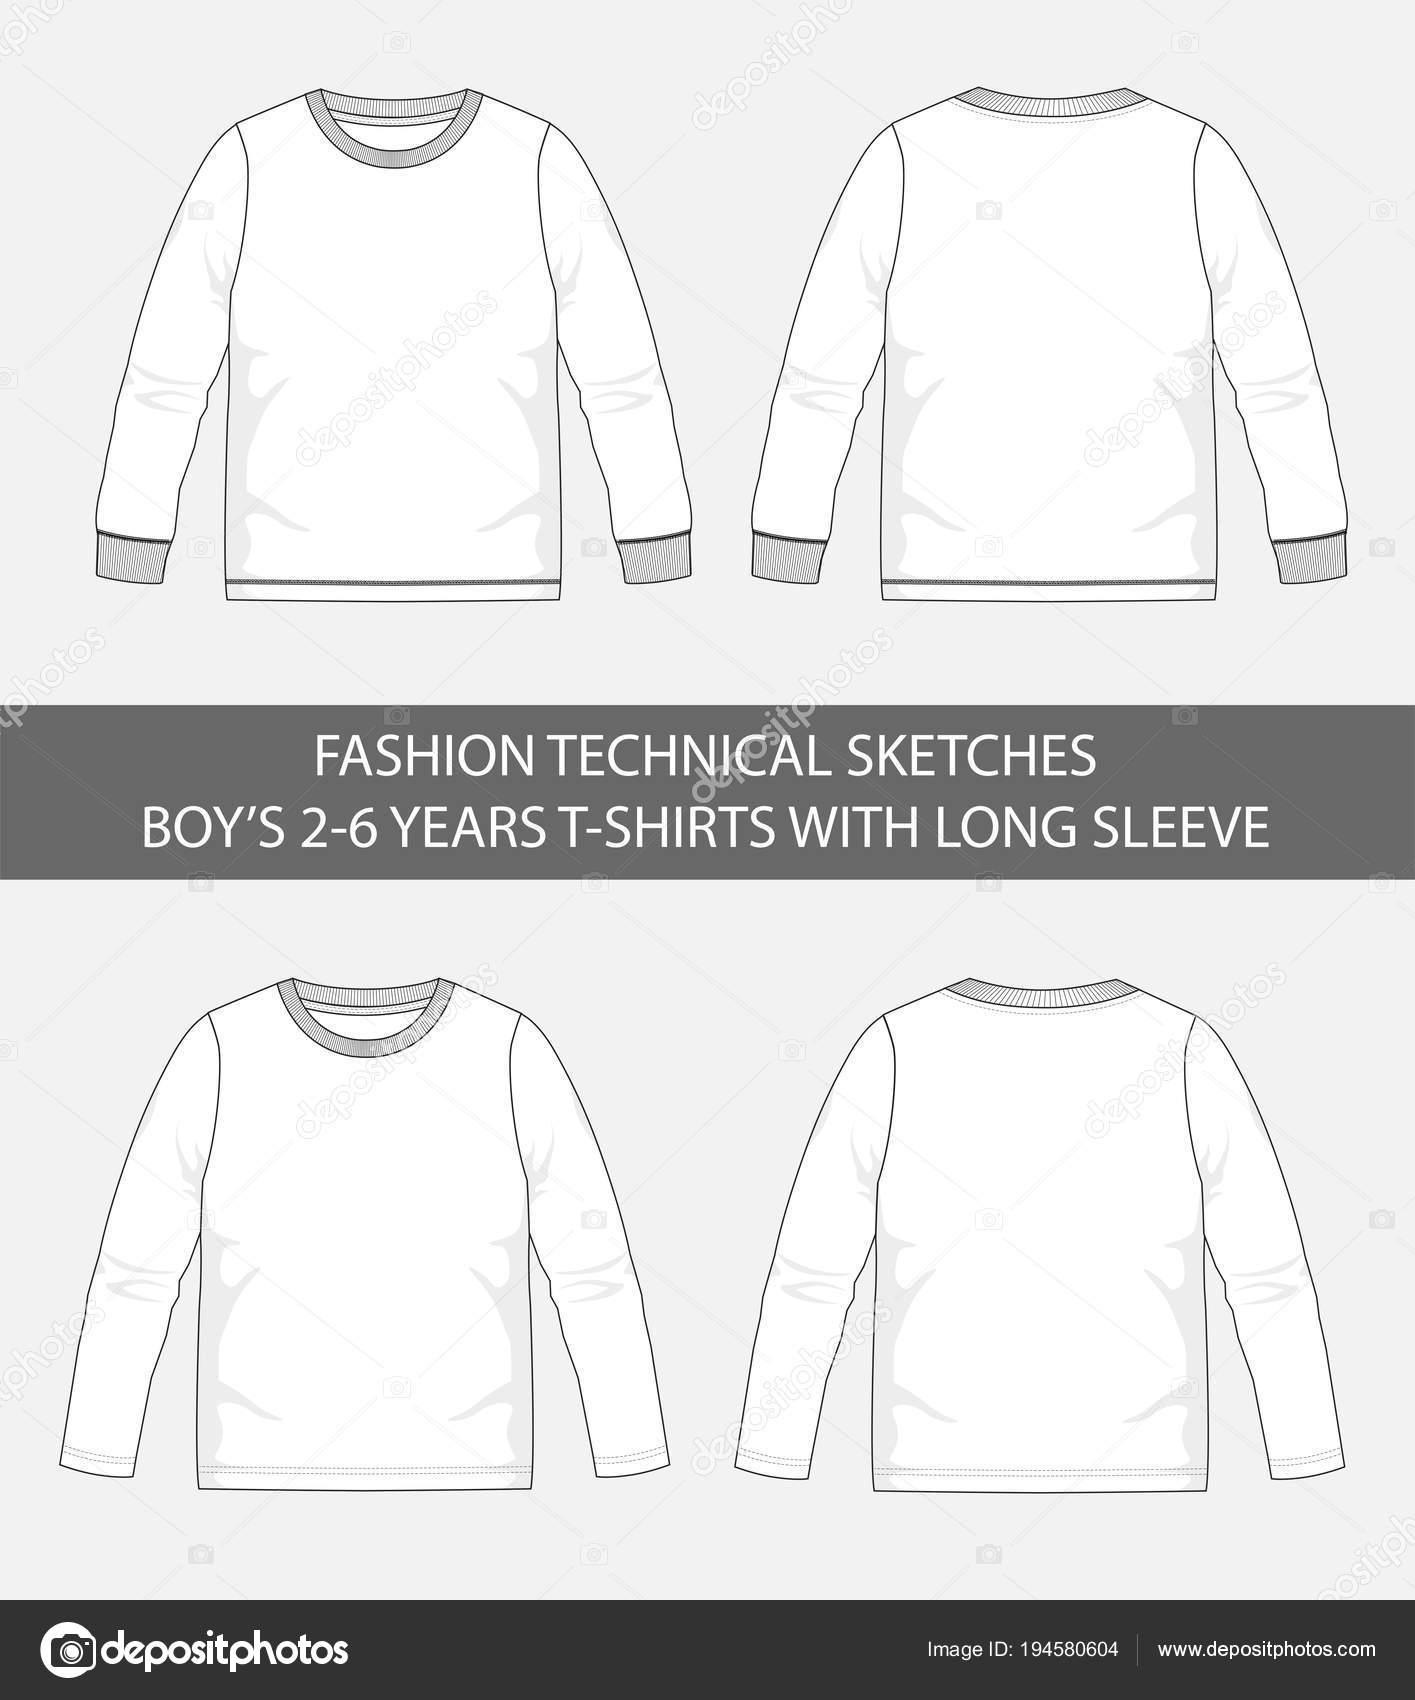 Μόδα Τεχνικά Σκίτσα Για Αγόρια Ετών Μπλουζάκια Μακρύ Μανίκι Διανυσματικού —  Διανυσματικό Αρχείο 8fbd1a6c217